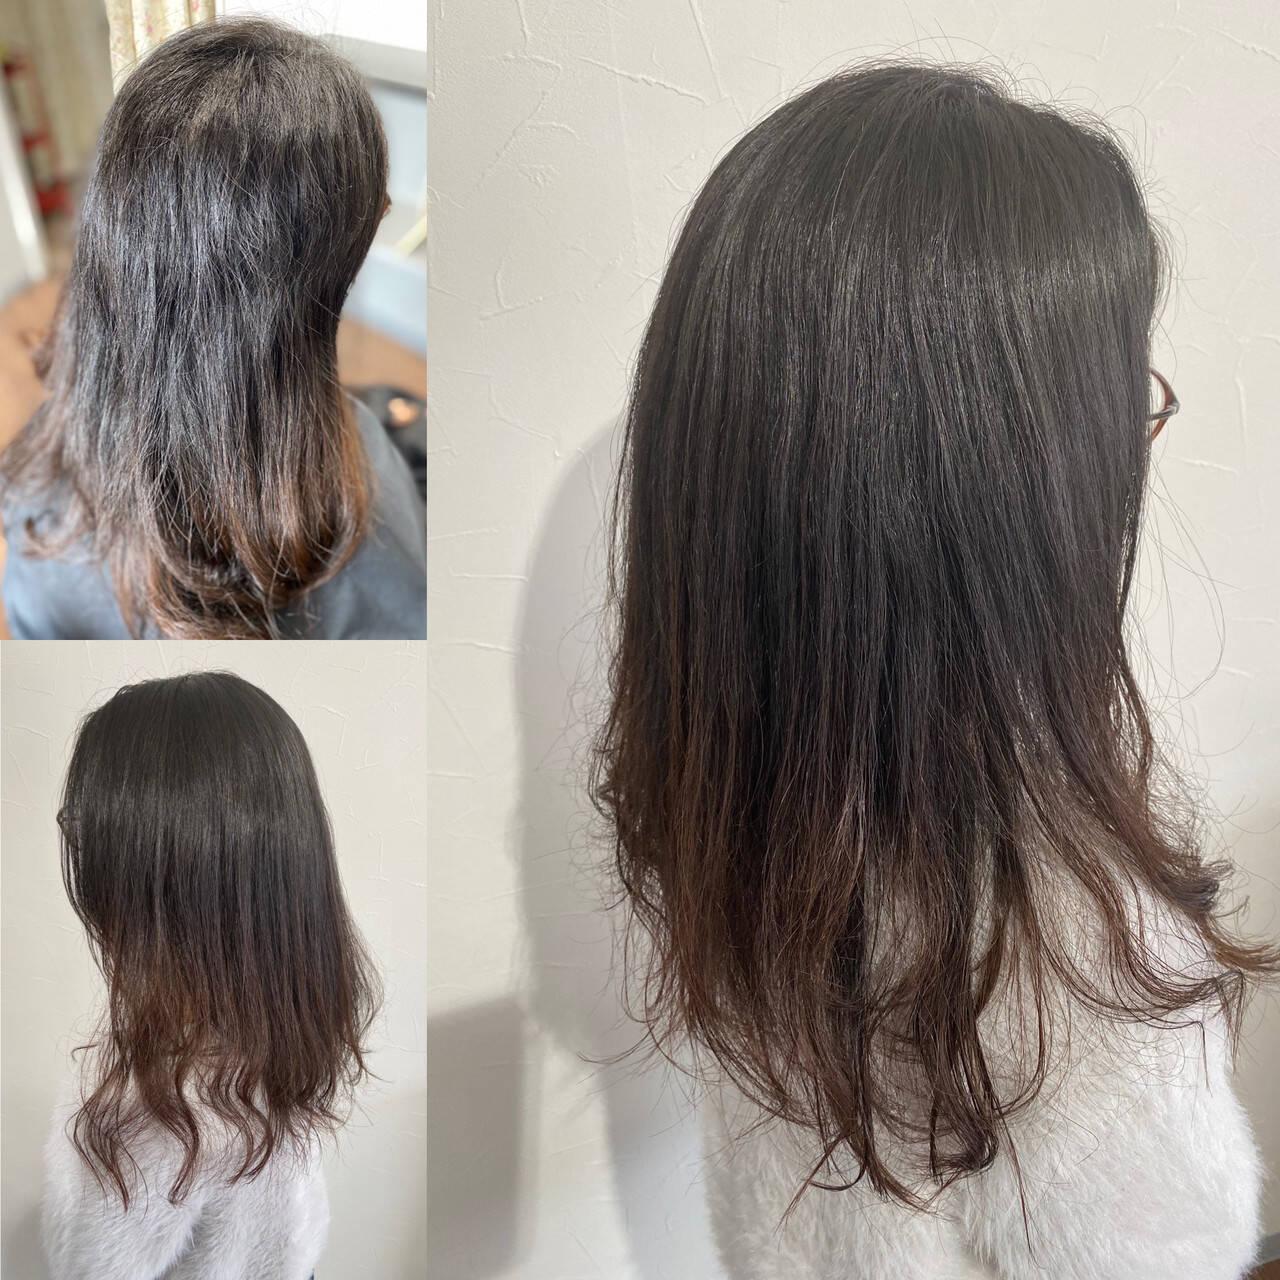 360度どこからみても綺麗なロングヘア ロングヘア エレガント クールロングヘアスタイルや髪型の写真・画像